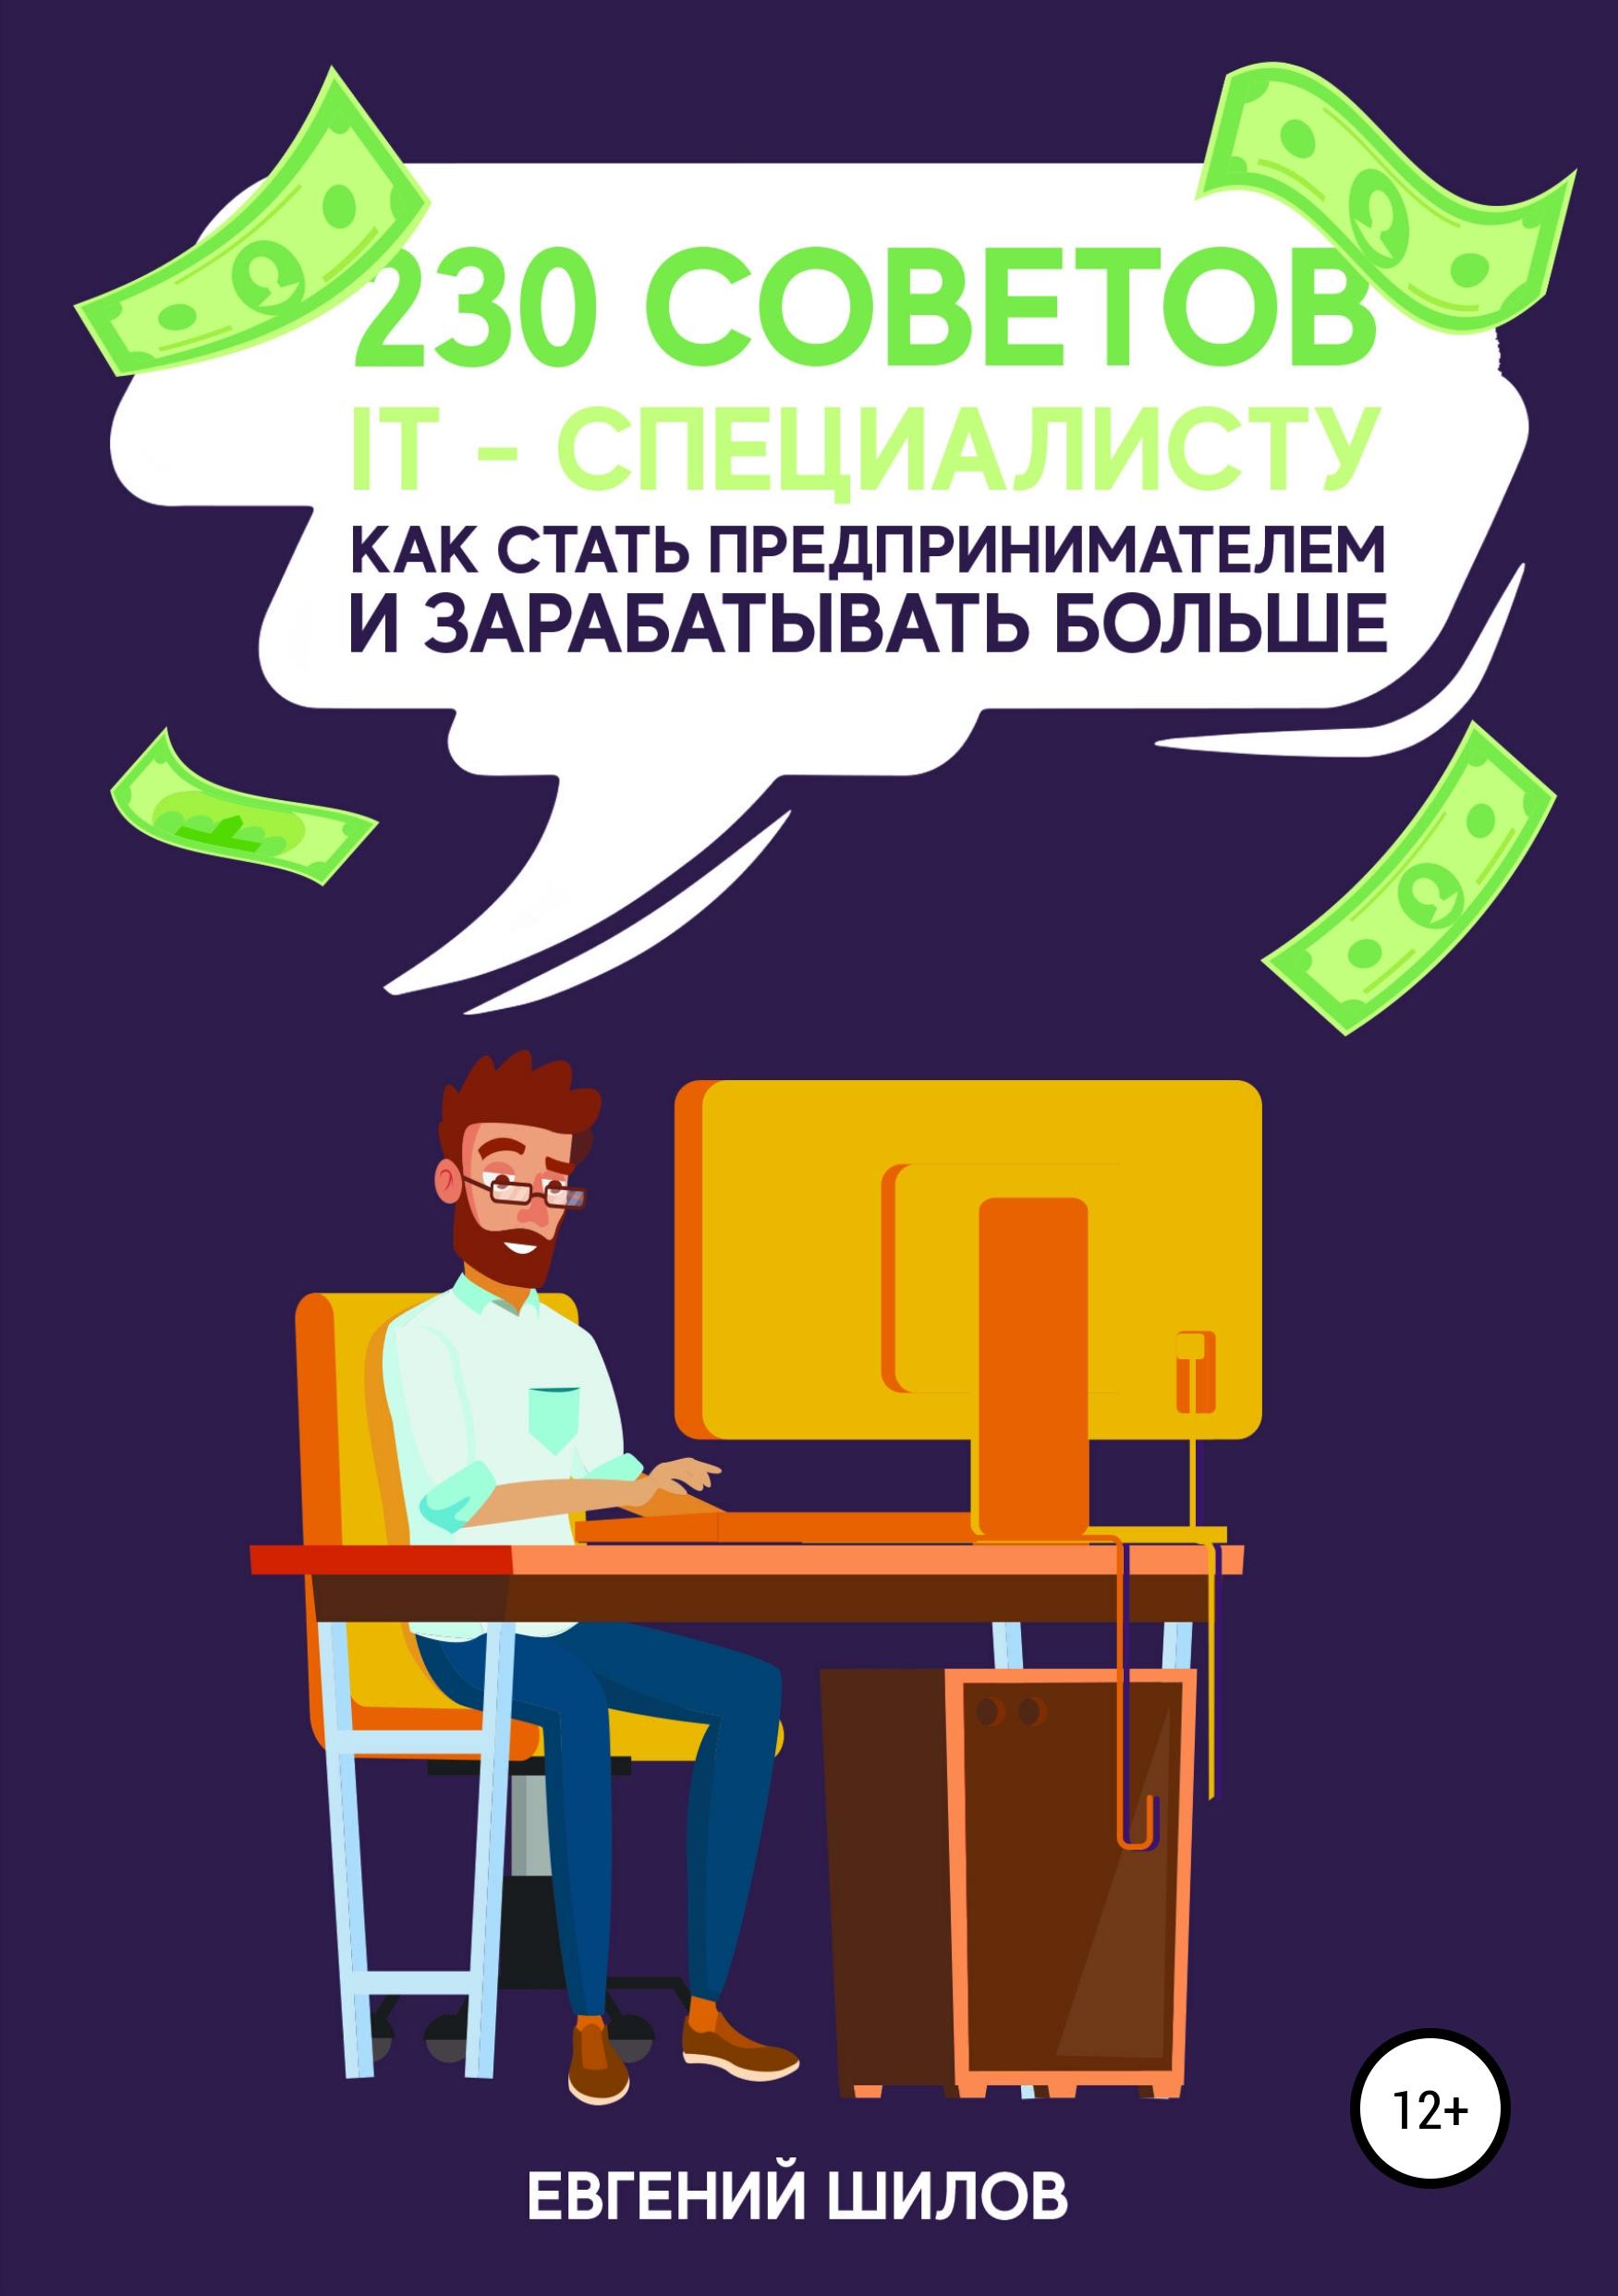 Обложка книги 230 советов IT-специалисту как стать предпринимателем и зарабатывать больше